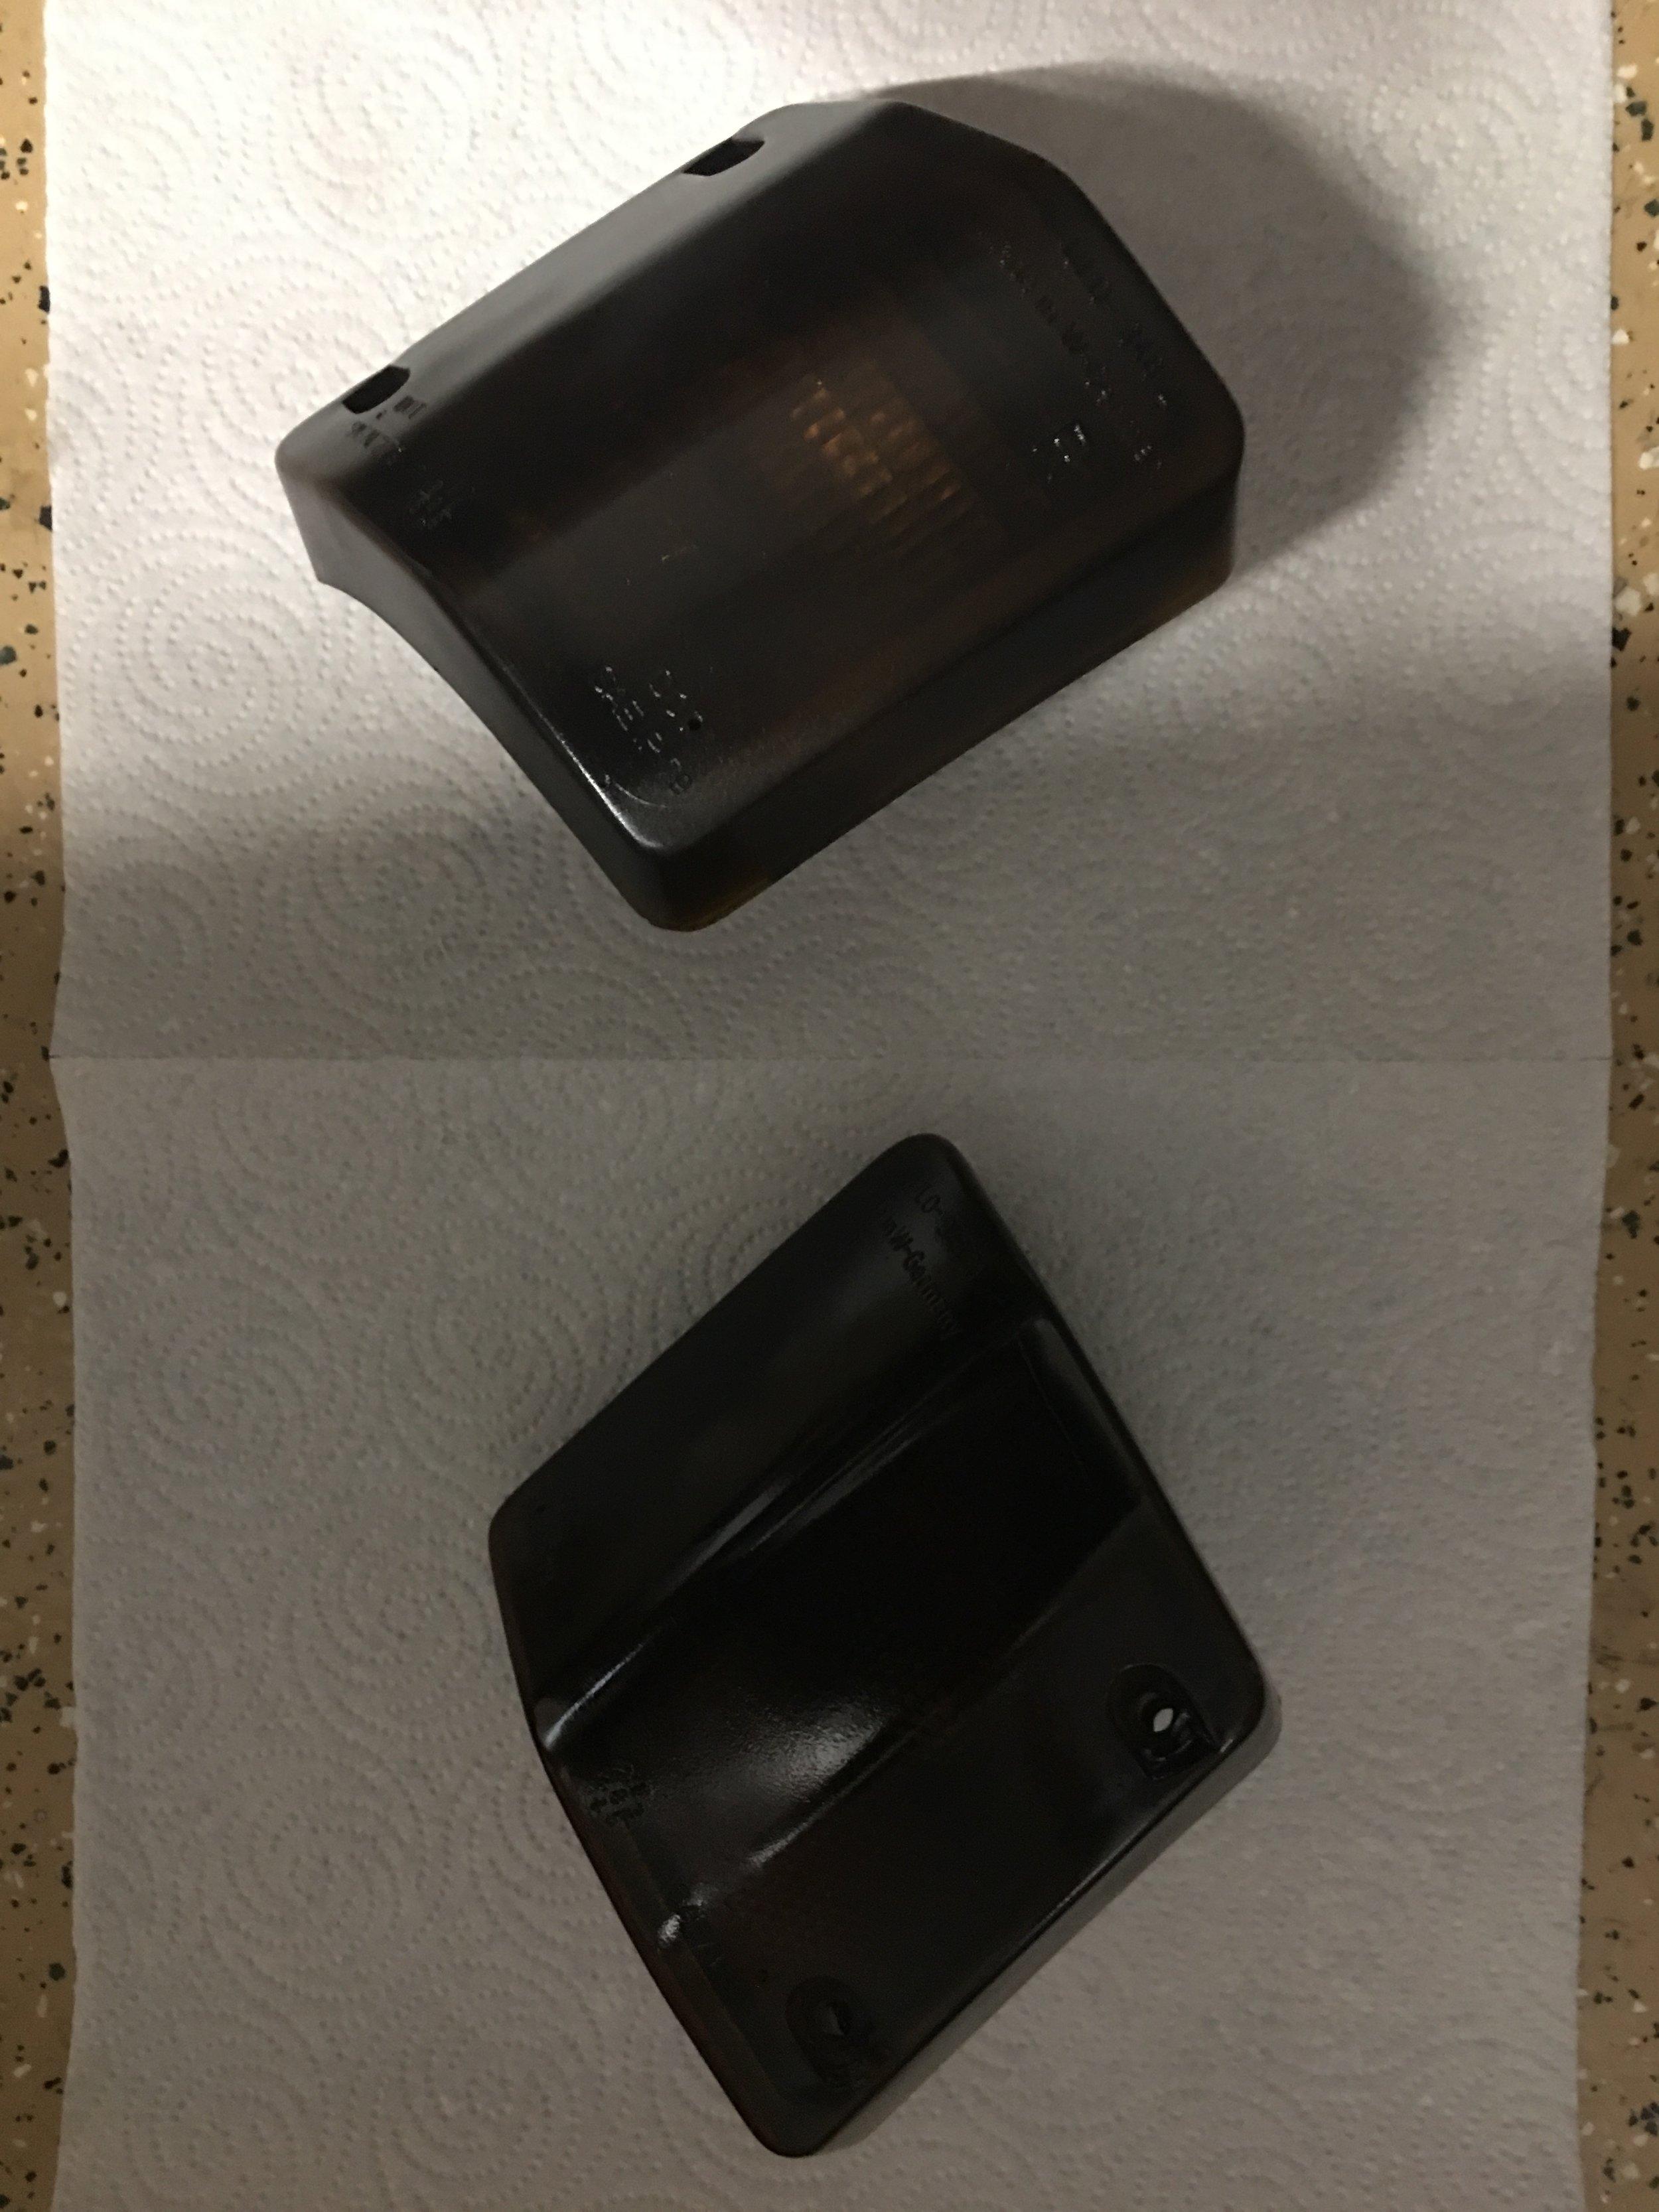 8495D52C-3F9B-43E1-806F-6BCB7F41DC81.JPG